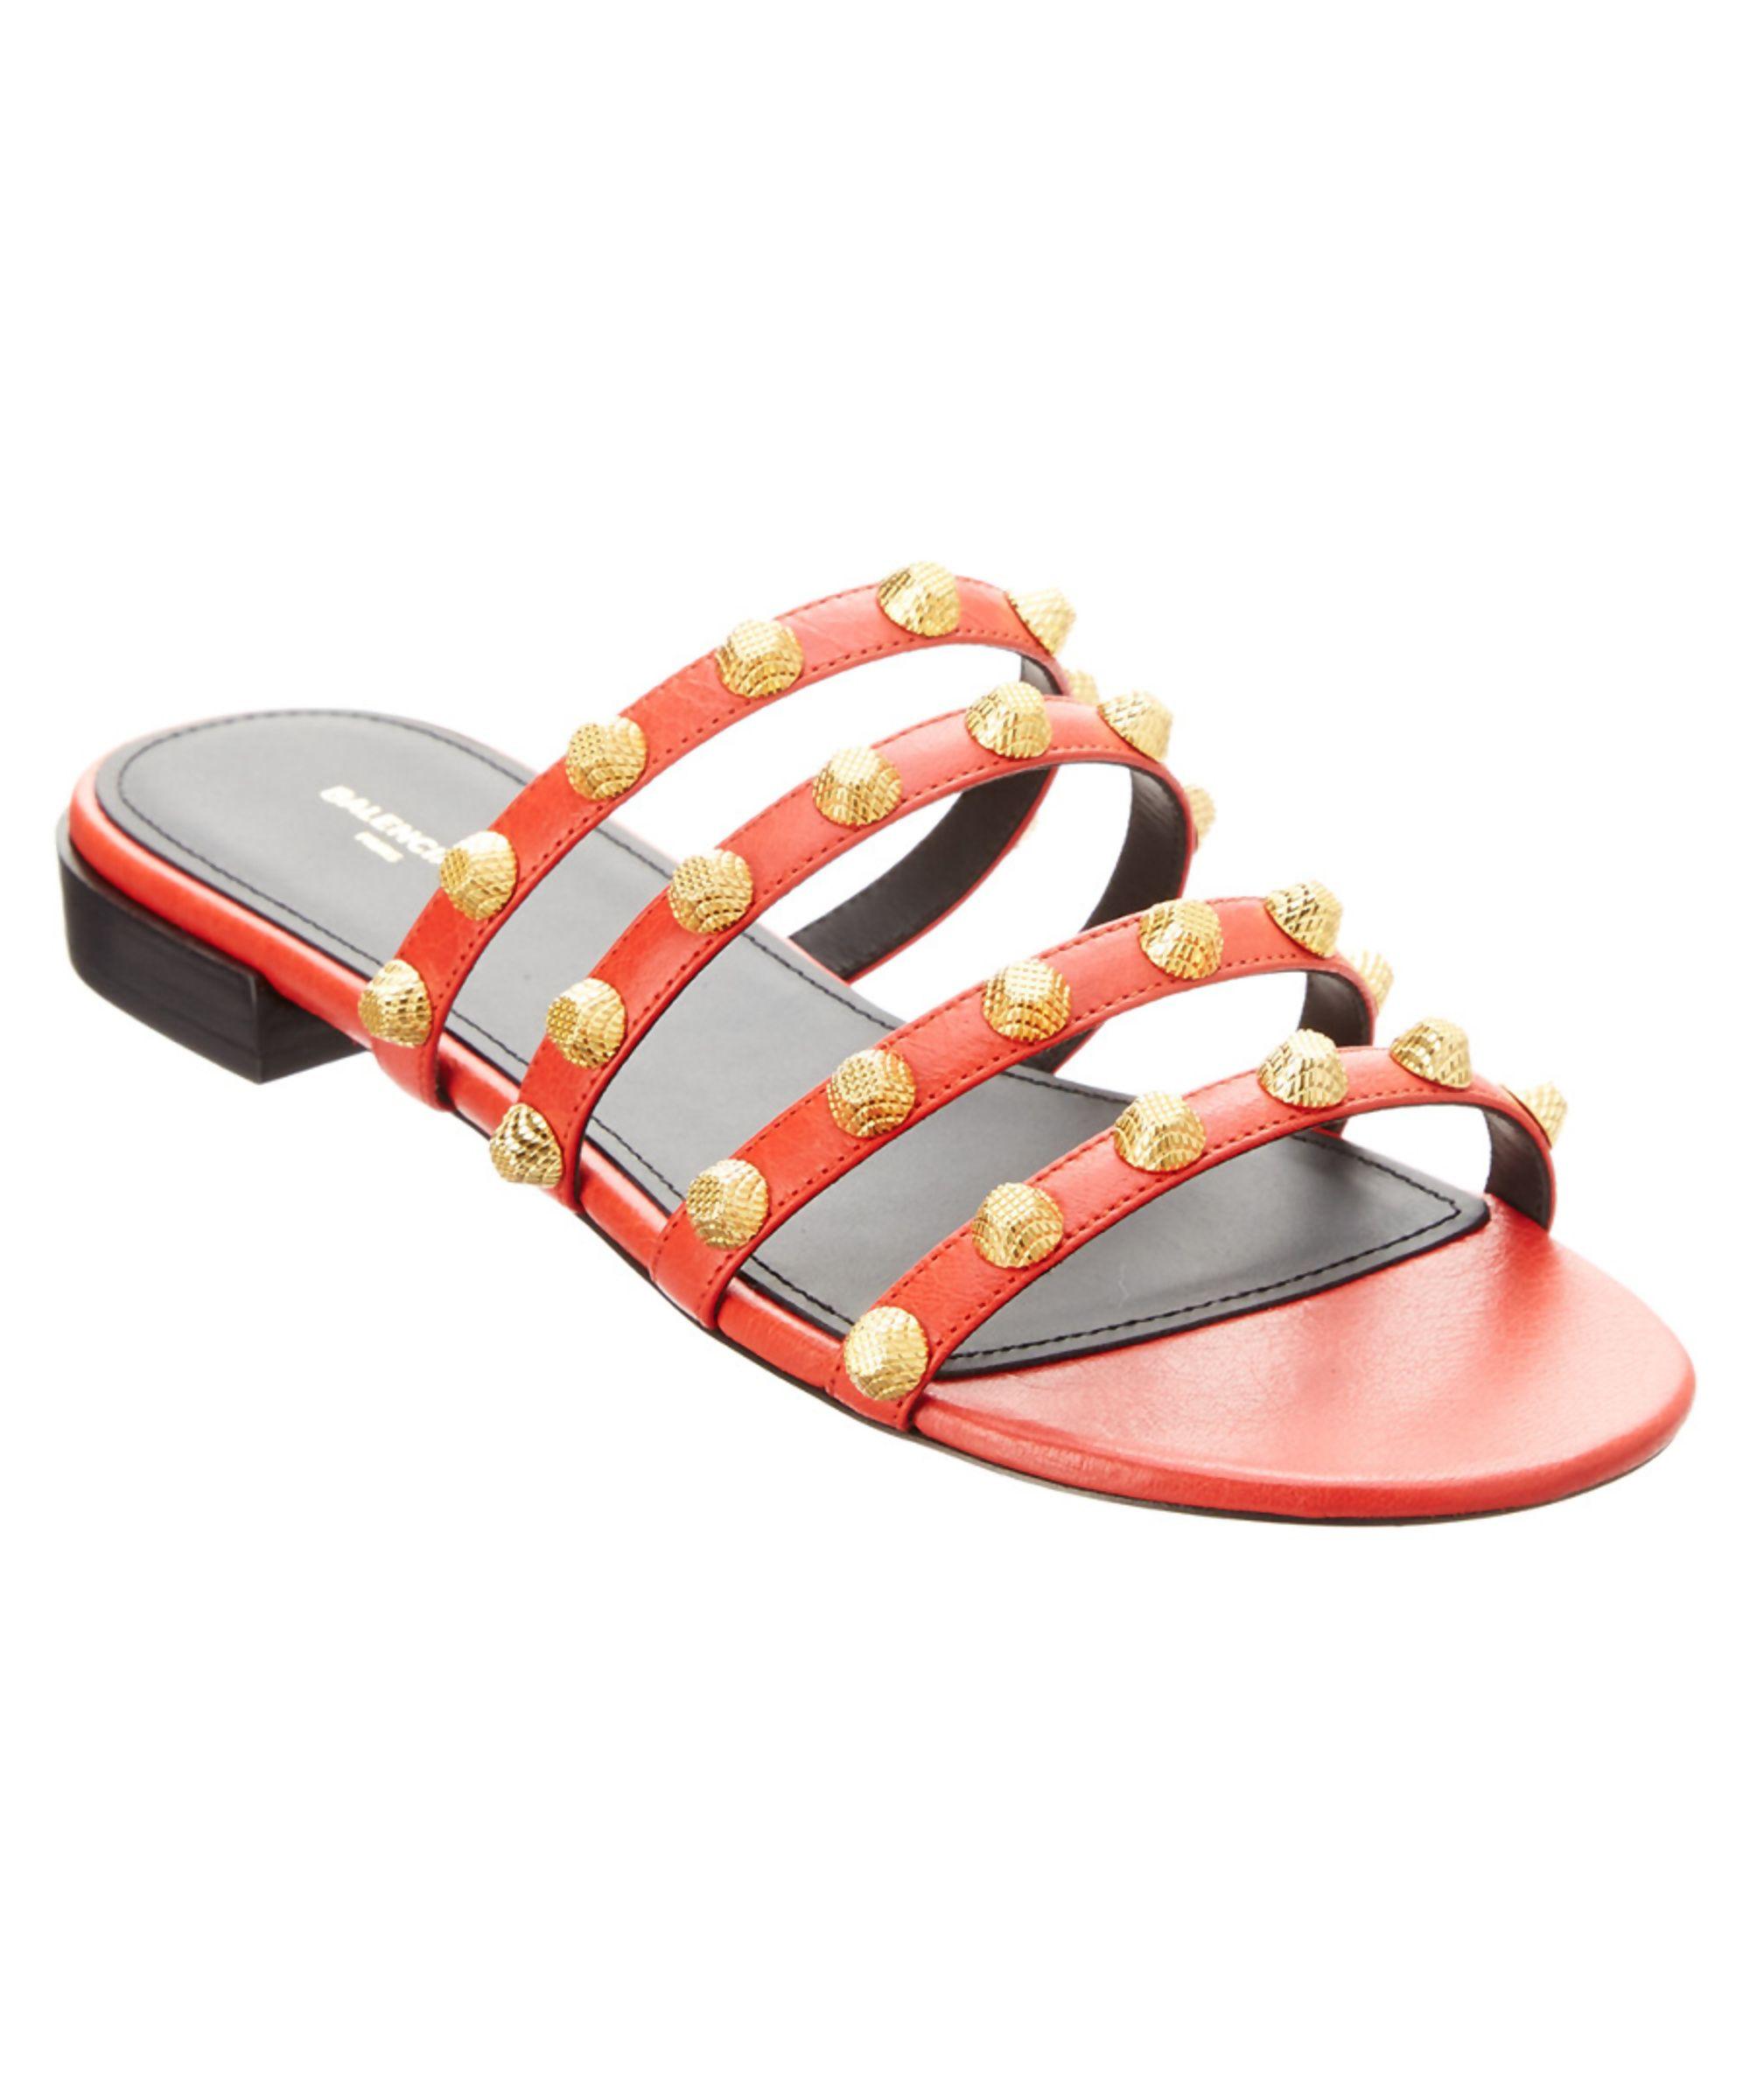 49bf2d7ec BALENCIAGA | Balenciaga Arena Studded Leather Flat Sandal #Shoes #Sandals  #BALENCIAGA